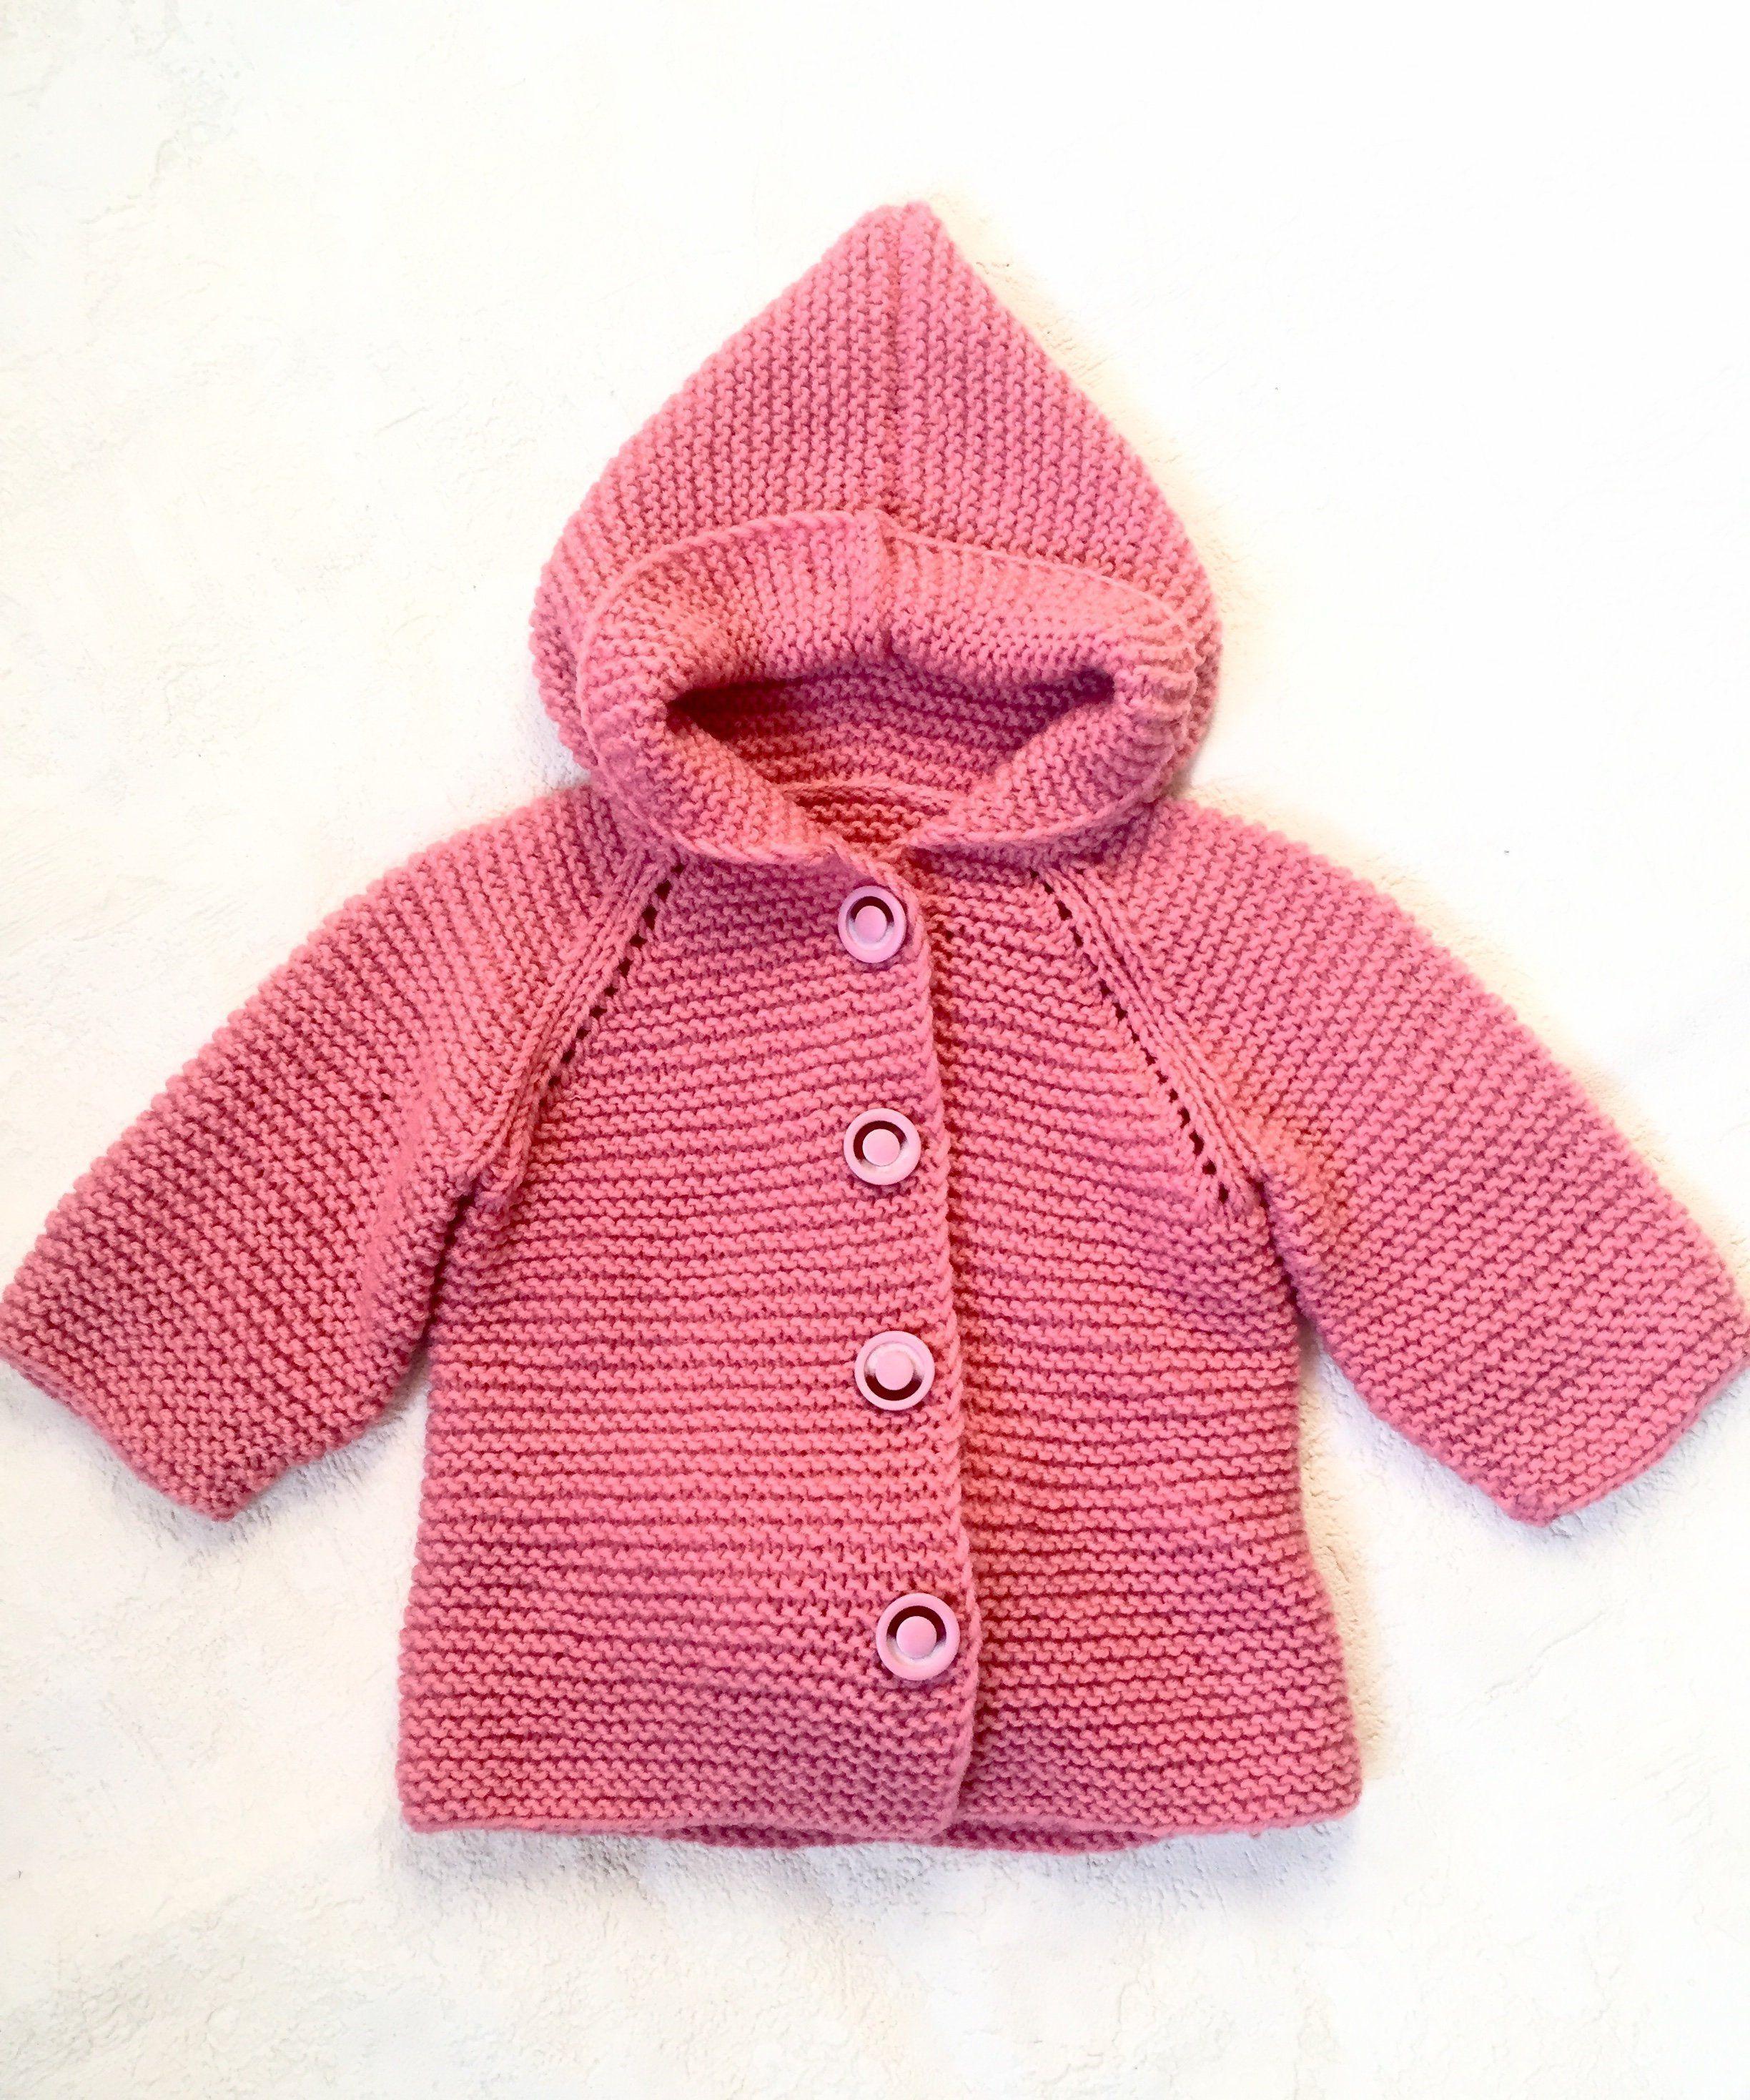 Малышка в розовой кофте.